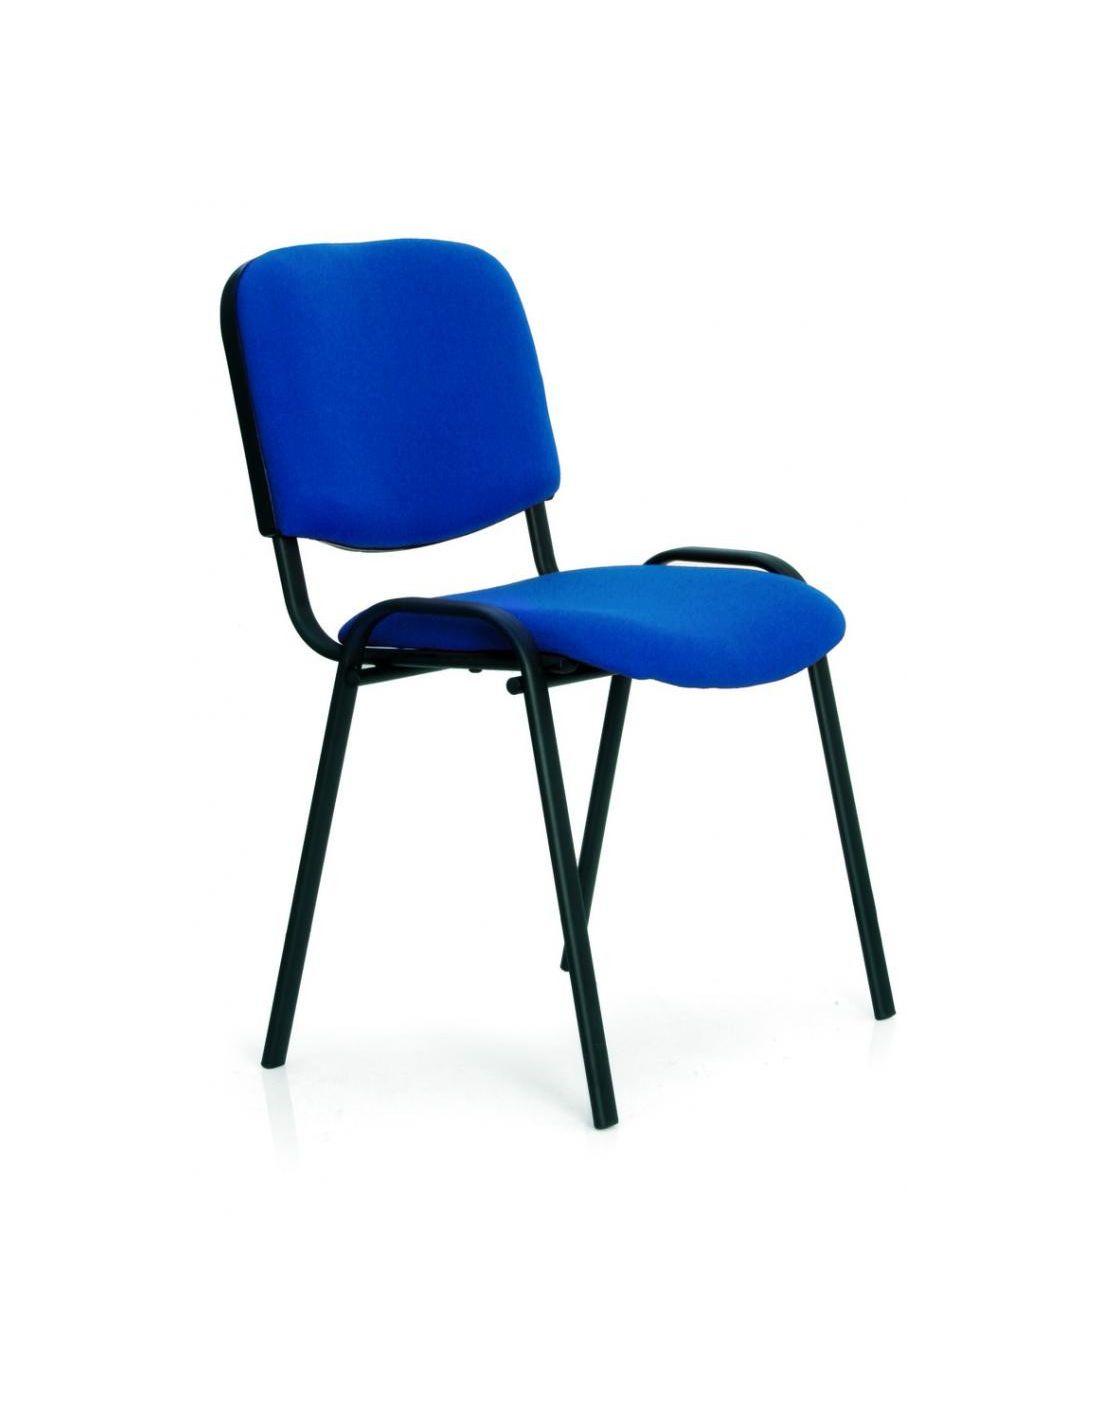 4 Sedie Per Sala Conferenza Economiche Braccioli Tavoletta